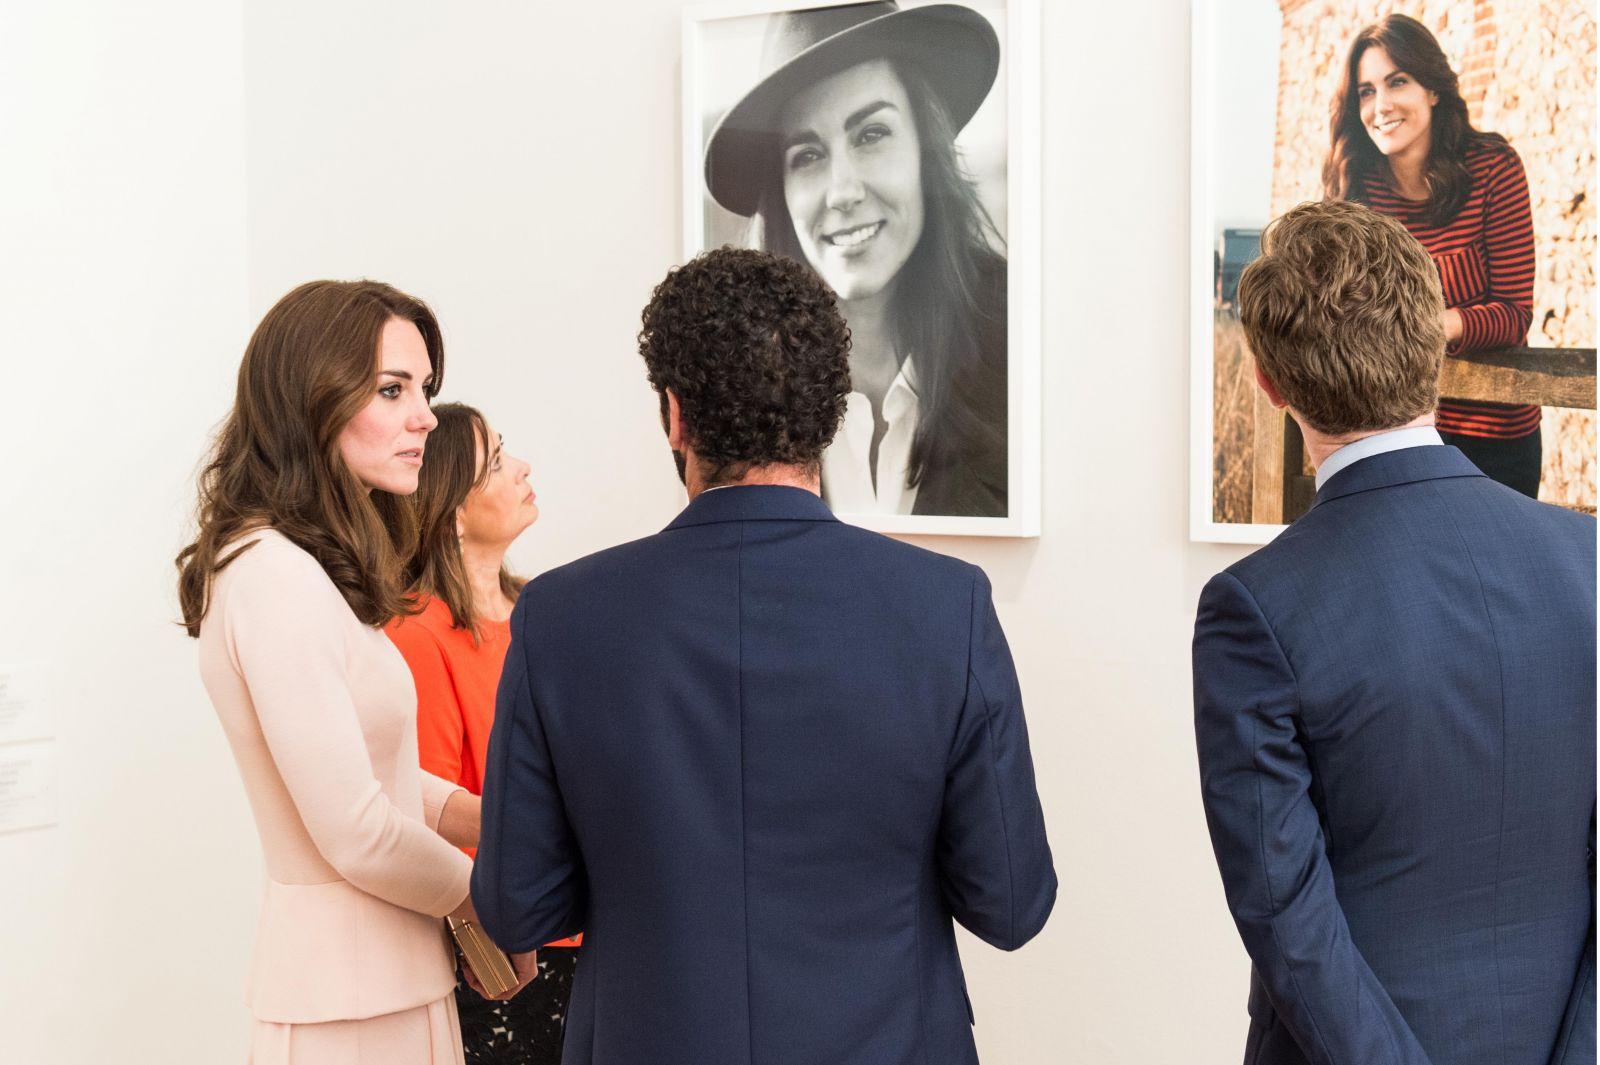 Один день из жизни Кейт Миддлтон и три наряда - Michael Kors, Roksanda, Alexander McQueen